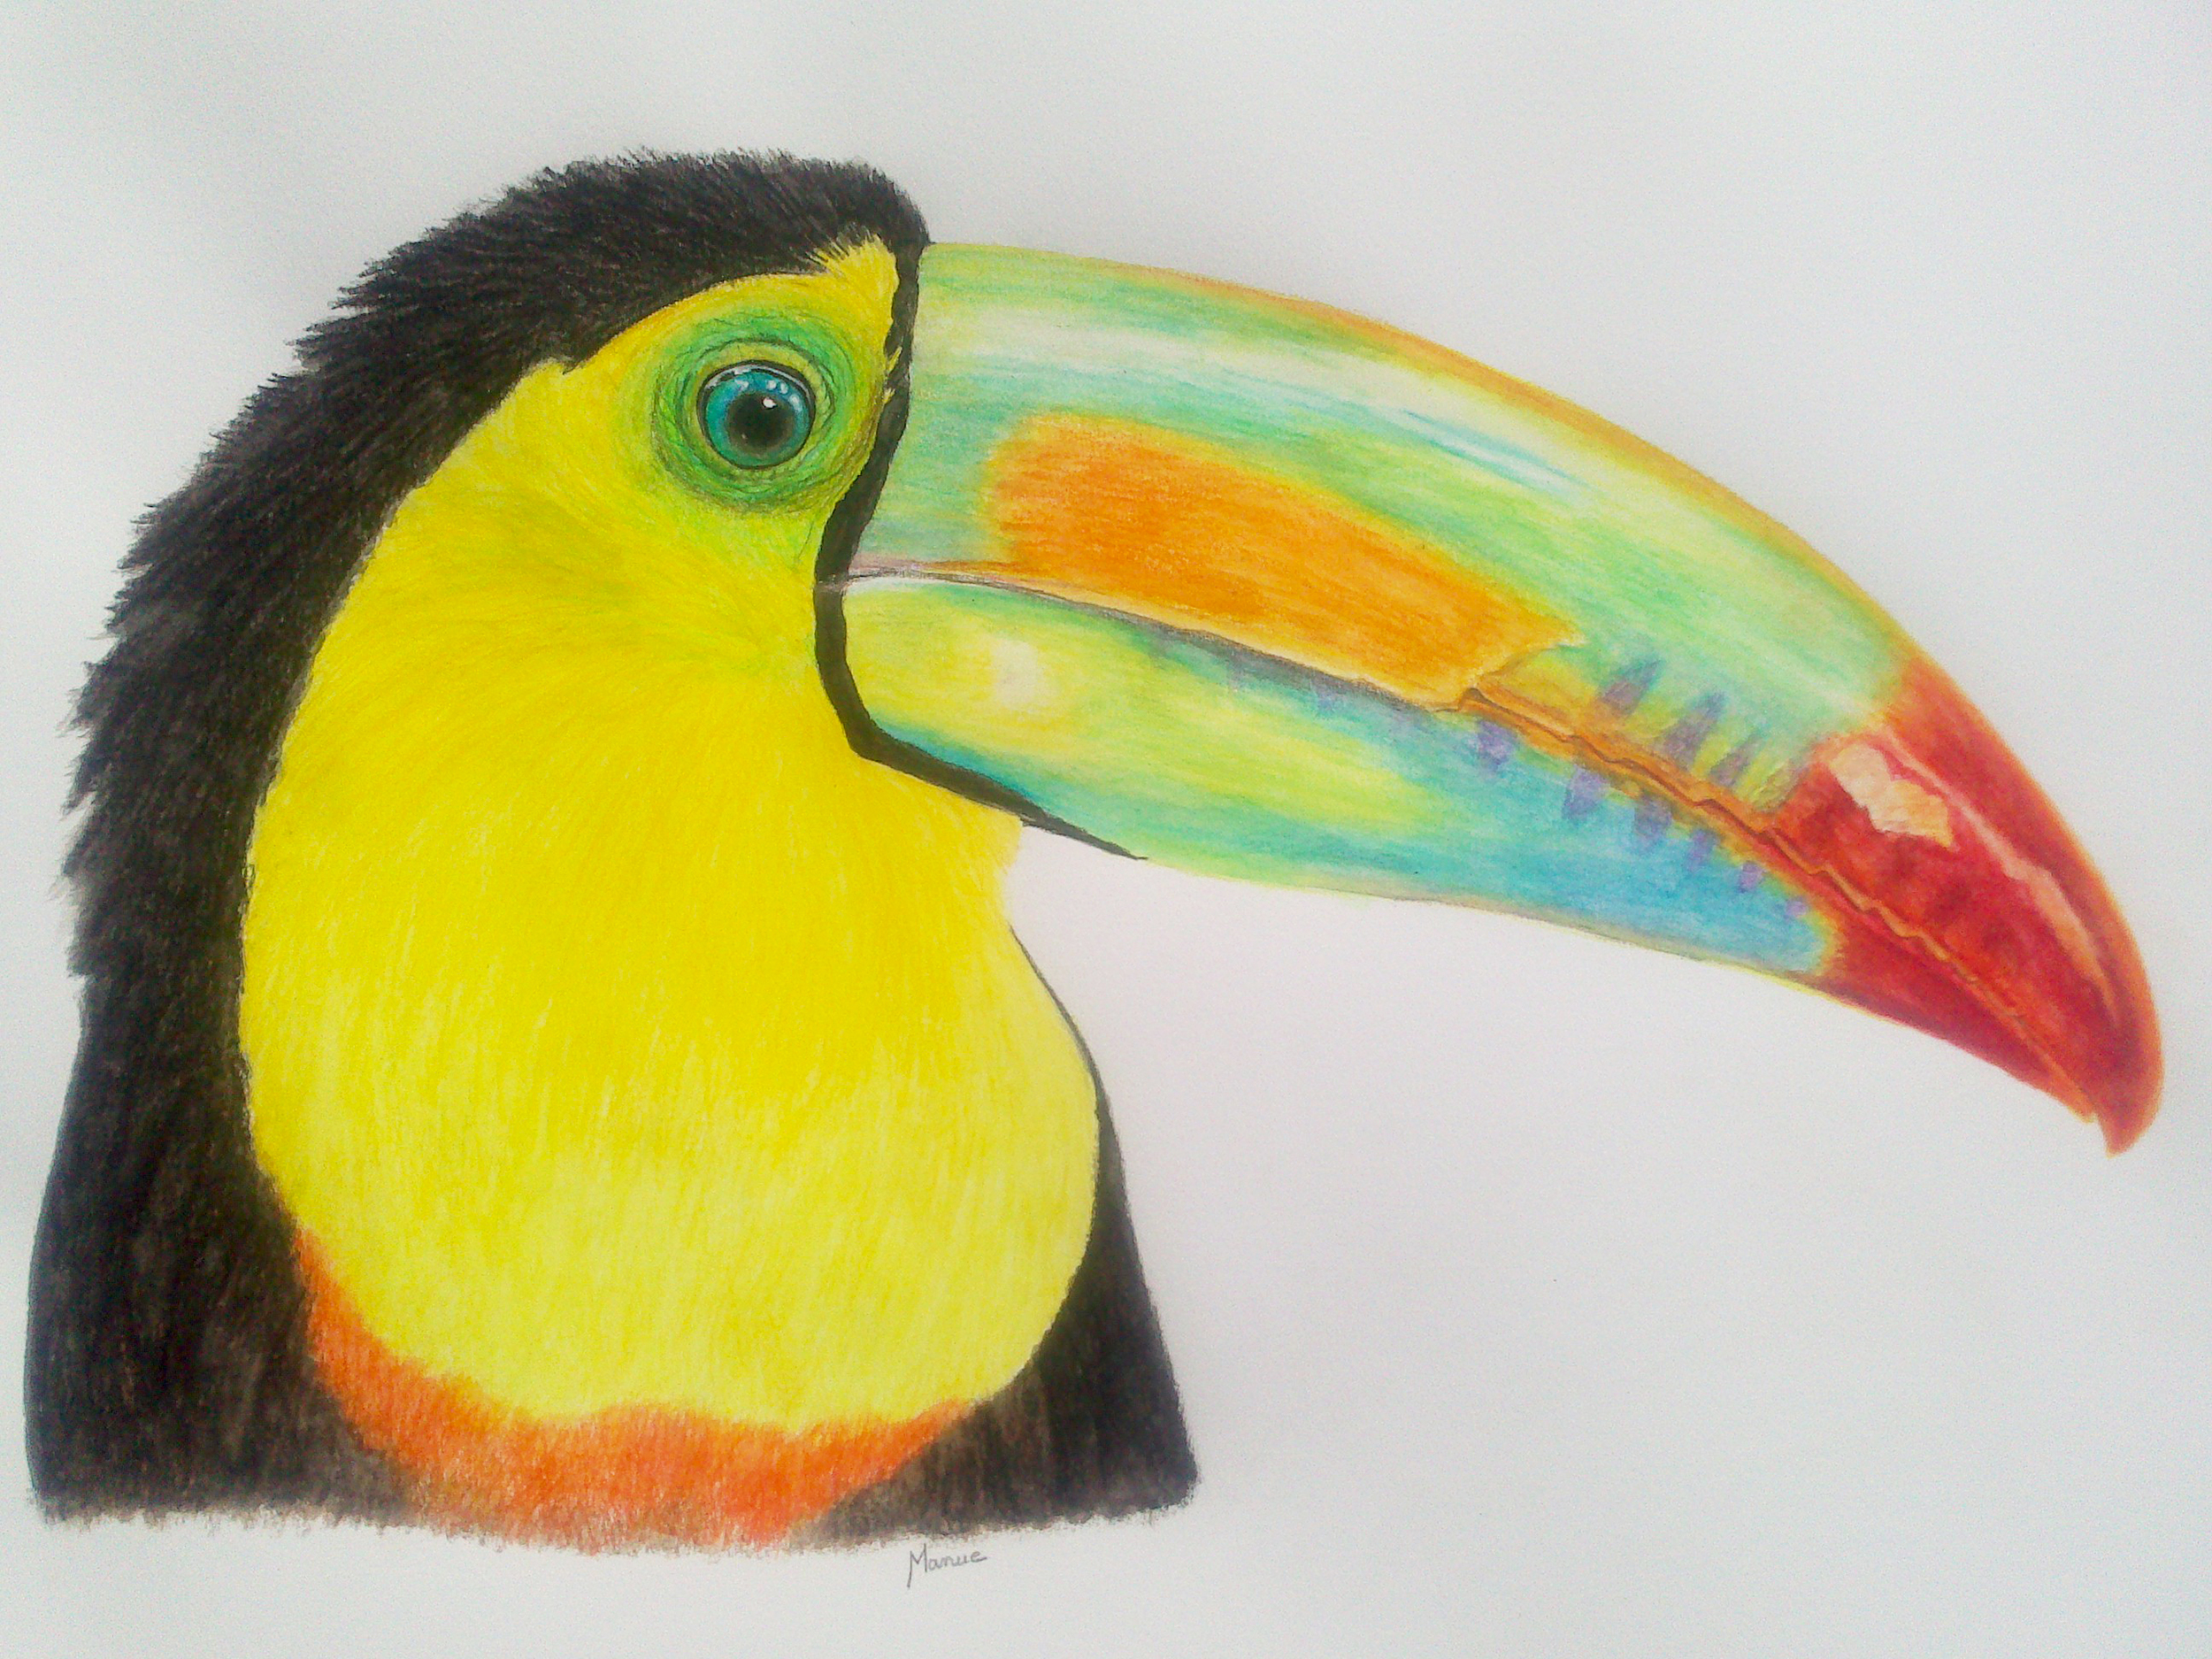 le toucan